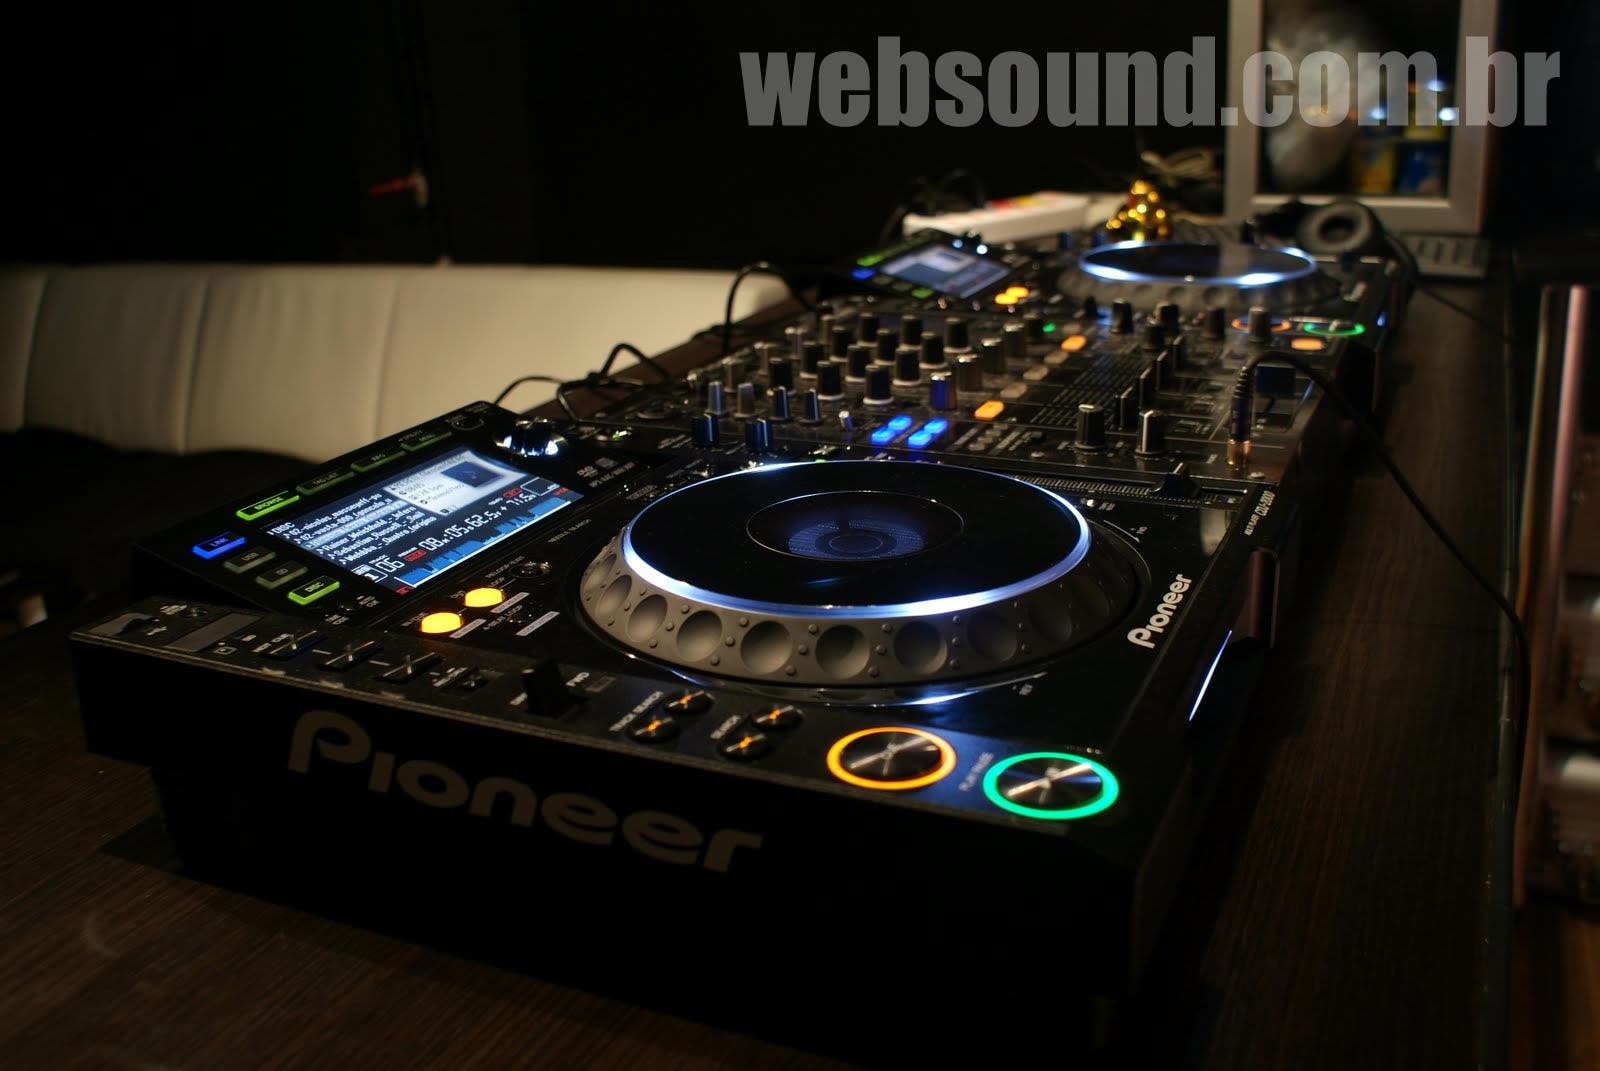 Web Sound  CDJ-2000.jpg